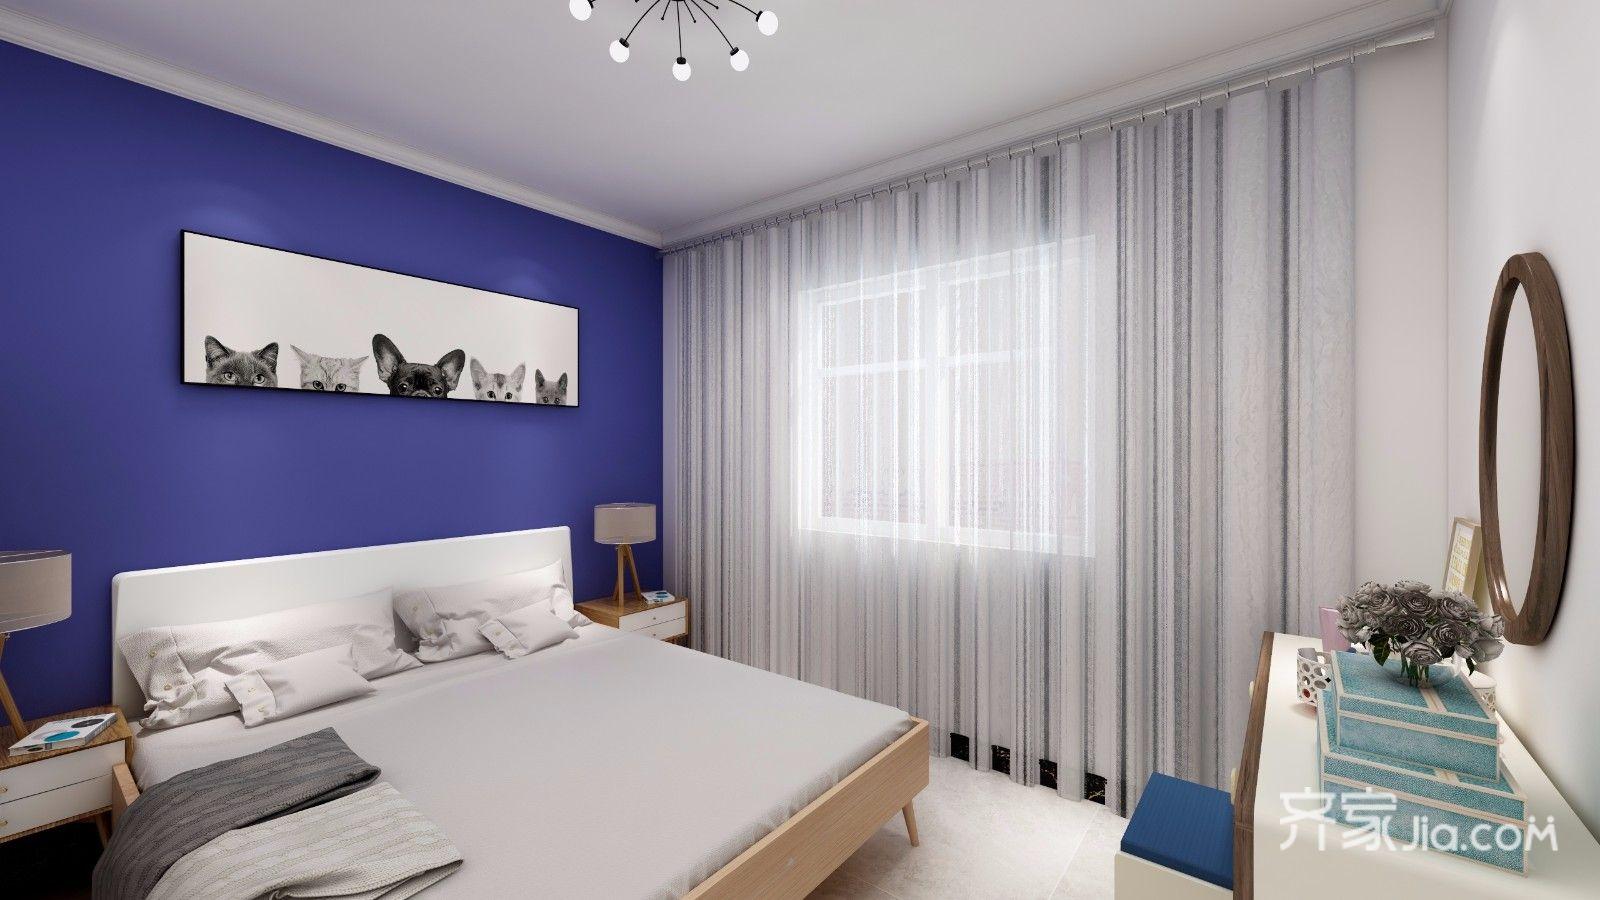 70平米简约二居卧室装修效果图